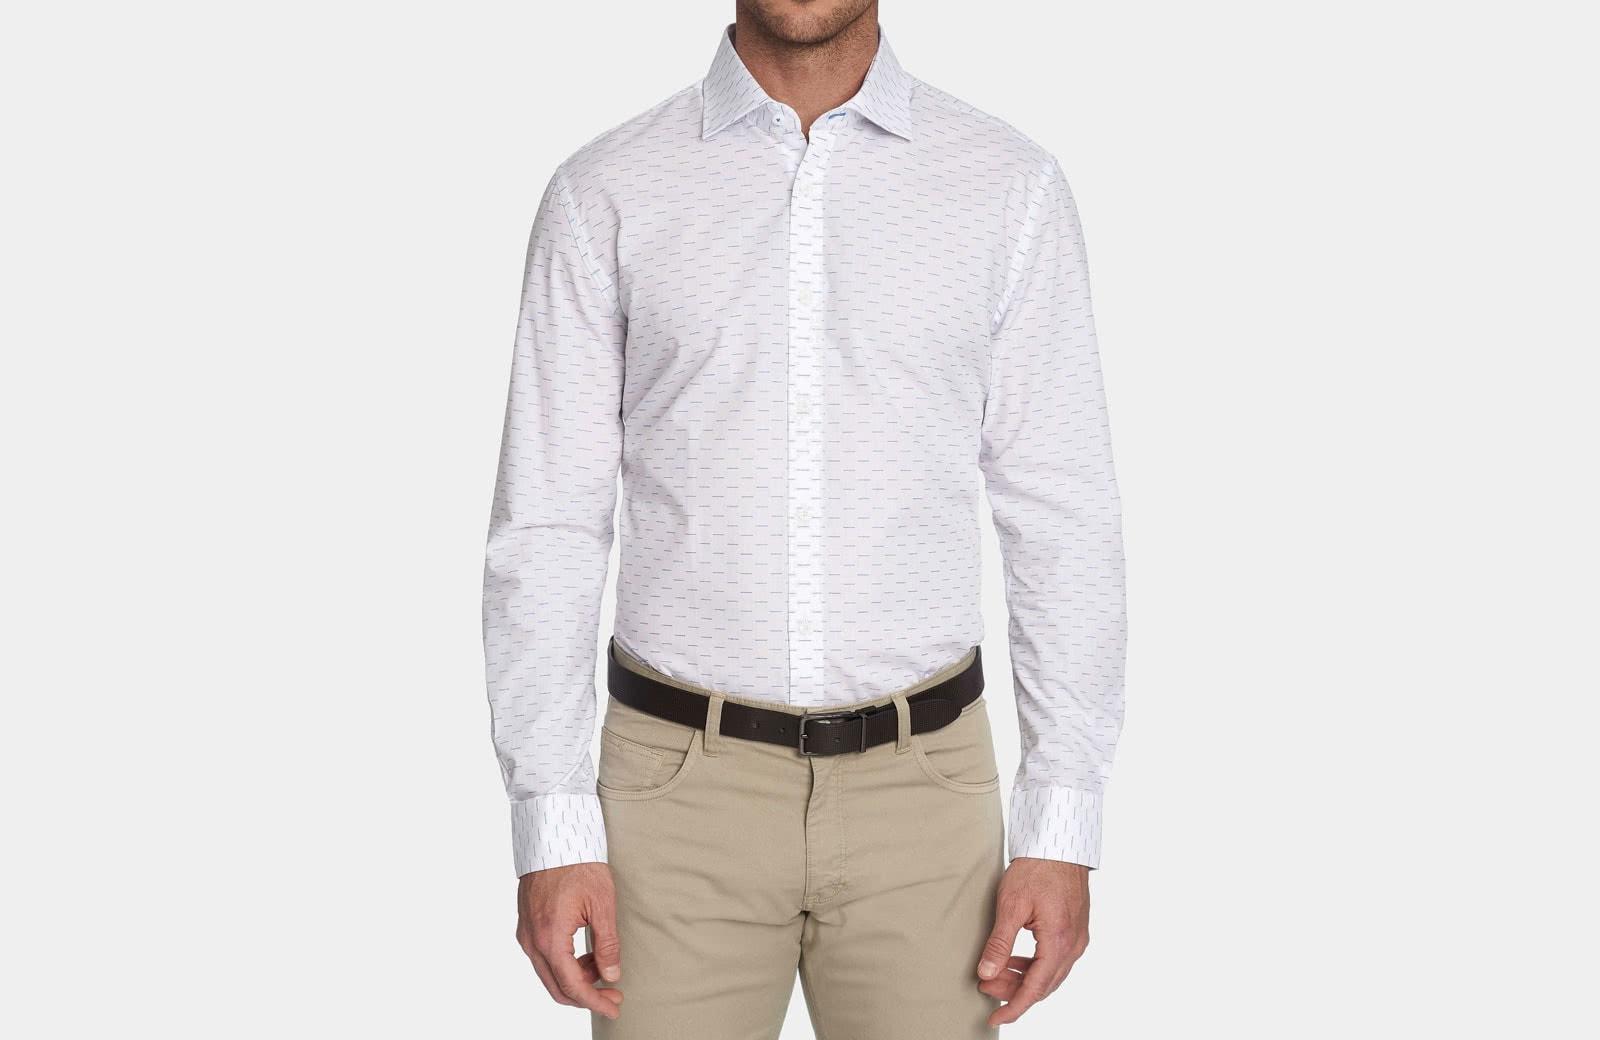 Robert Graham best men summer dress shirt white pattern - Luxe Digital